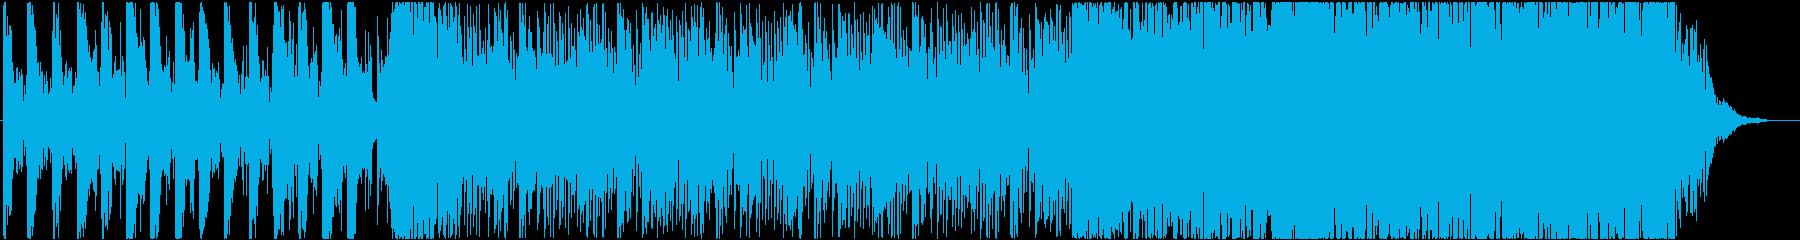 緊迫感のあるエレクトロ系BGMの再生済みの波形